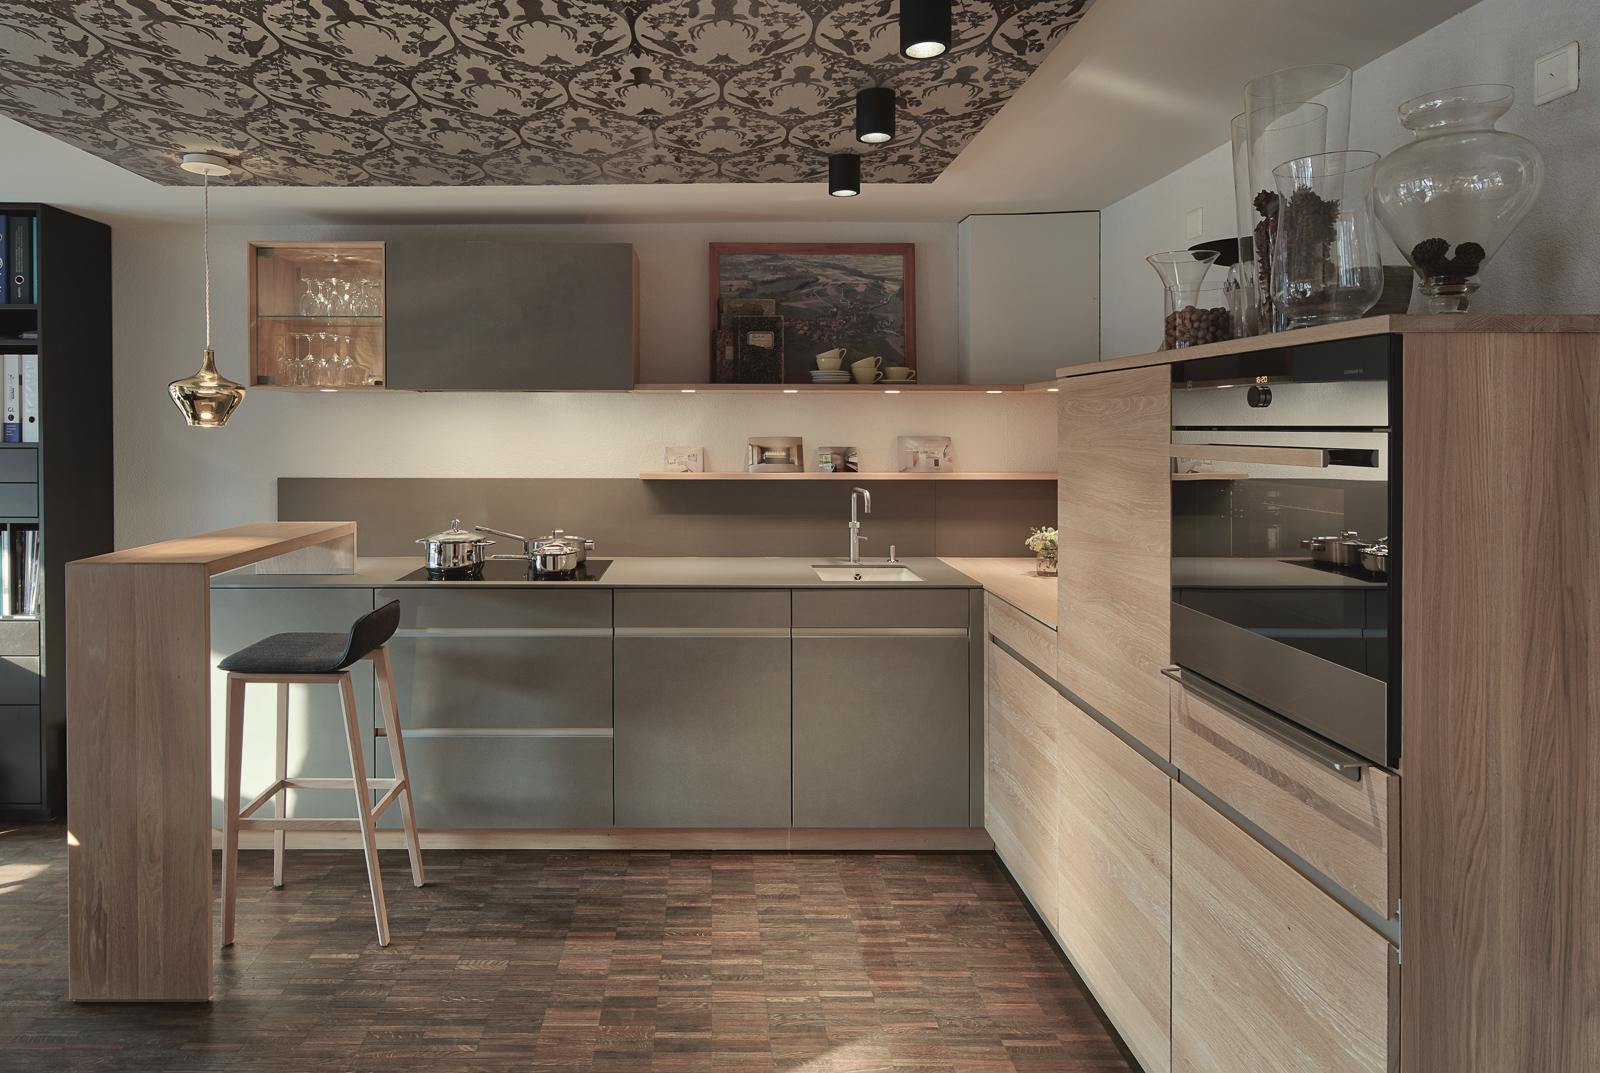 Showroom Gerzensee Küche 7.1